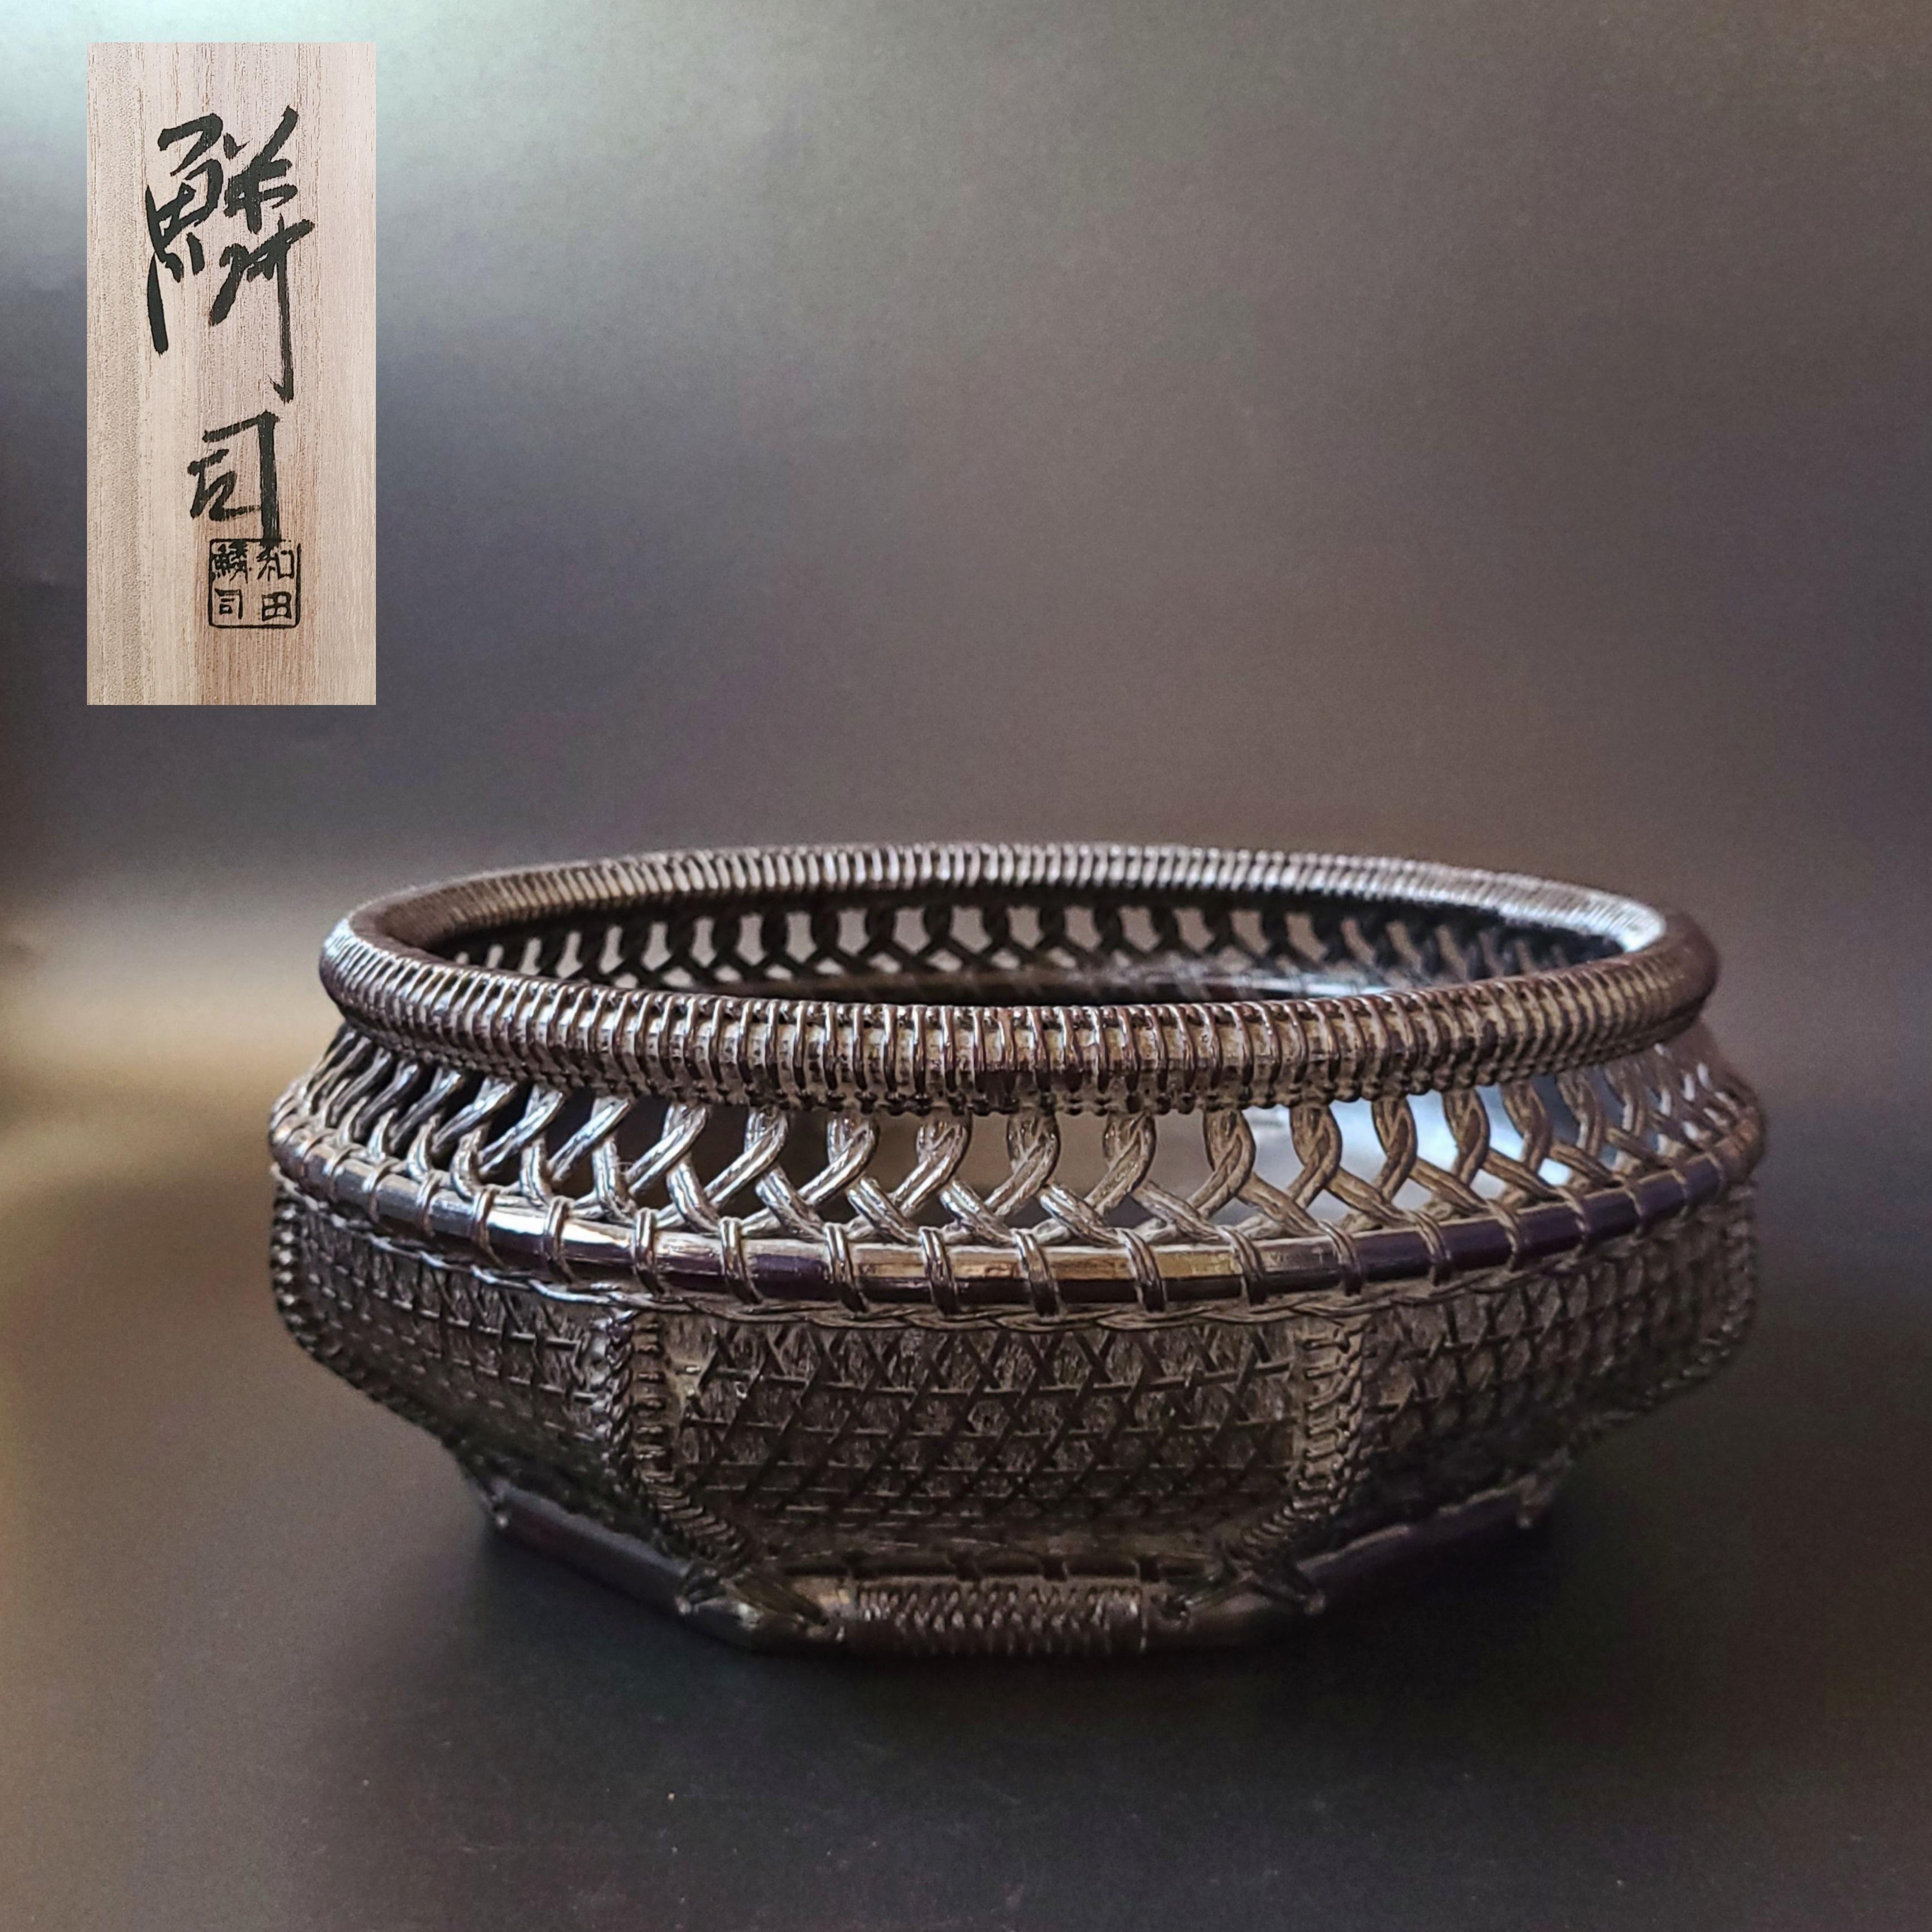 茶道具 唐物写 輪違八角 炭斗 和田鱗司 共箱 工芸品 炭点前 茶器